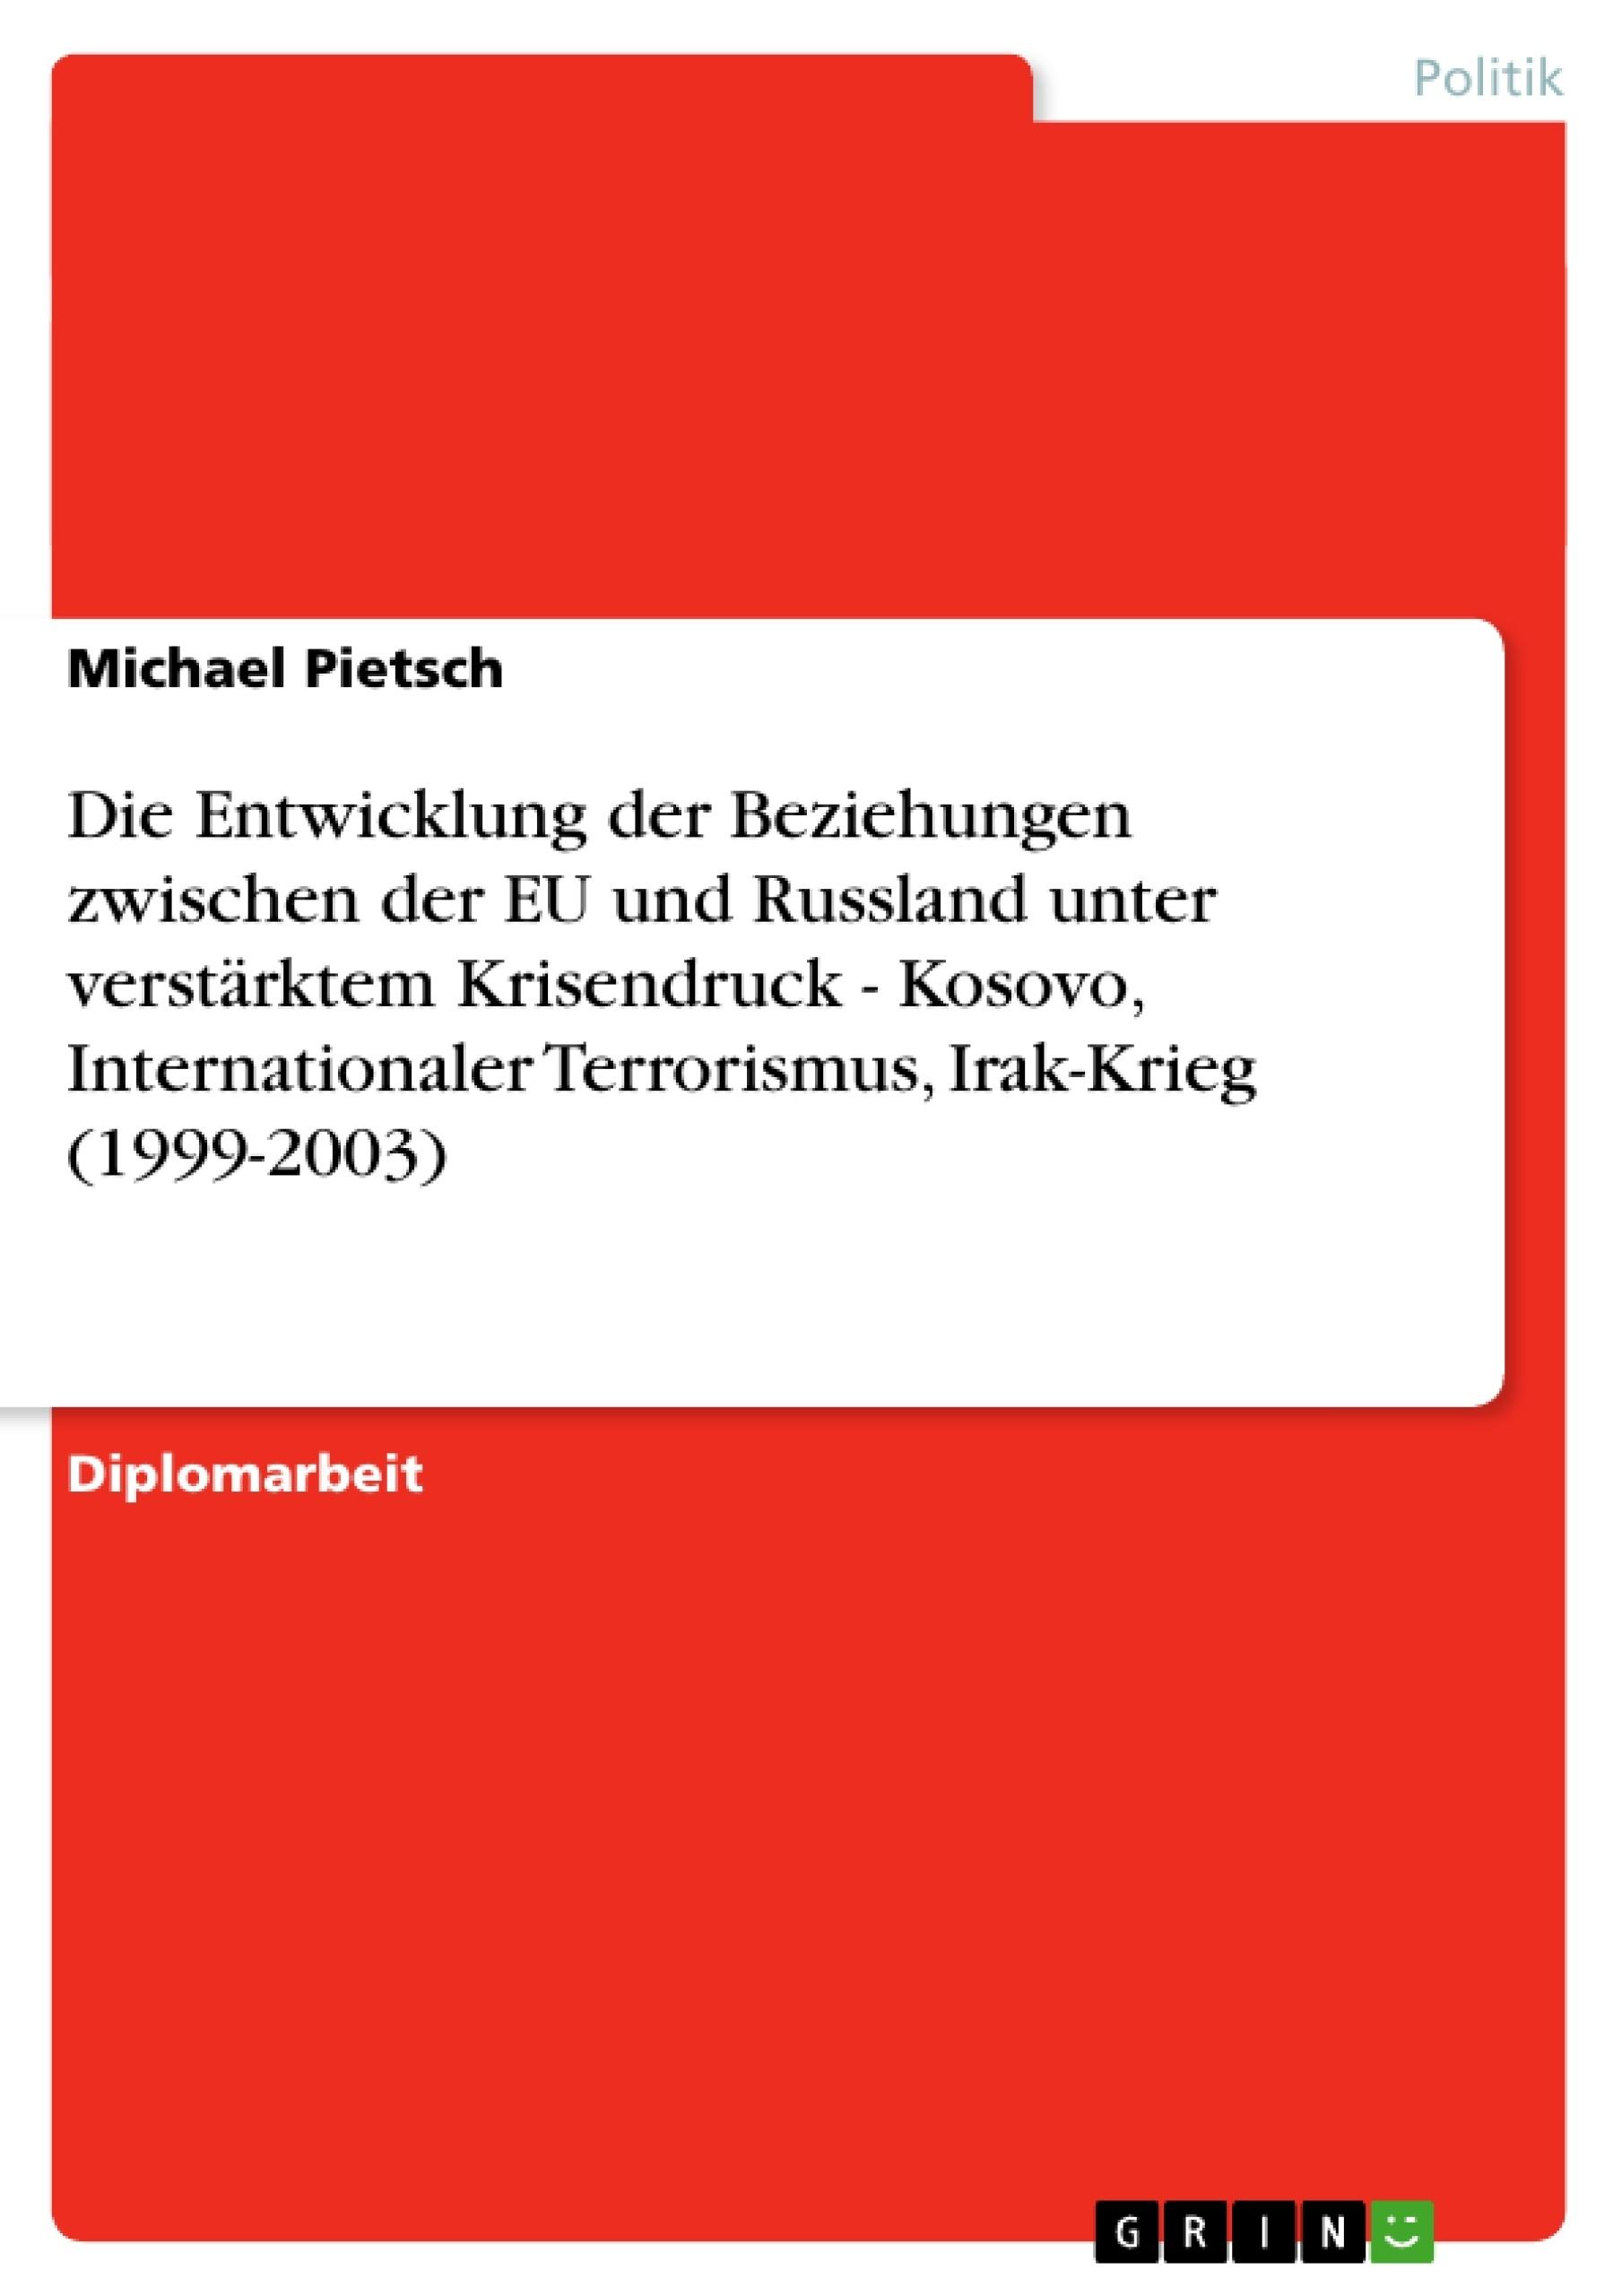 Titel: Die Entwicklung der Beziehungen zwischen der EU und Russland unter verstärktem Krisendruck - Kosovo, Internationaler Terrorismus, Irak-Krieg (1999-2003)